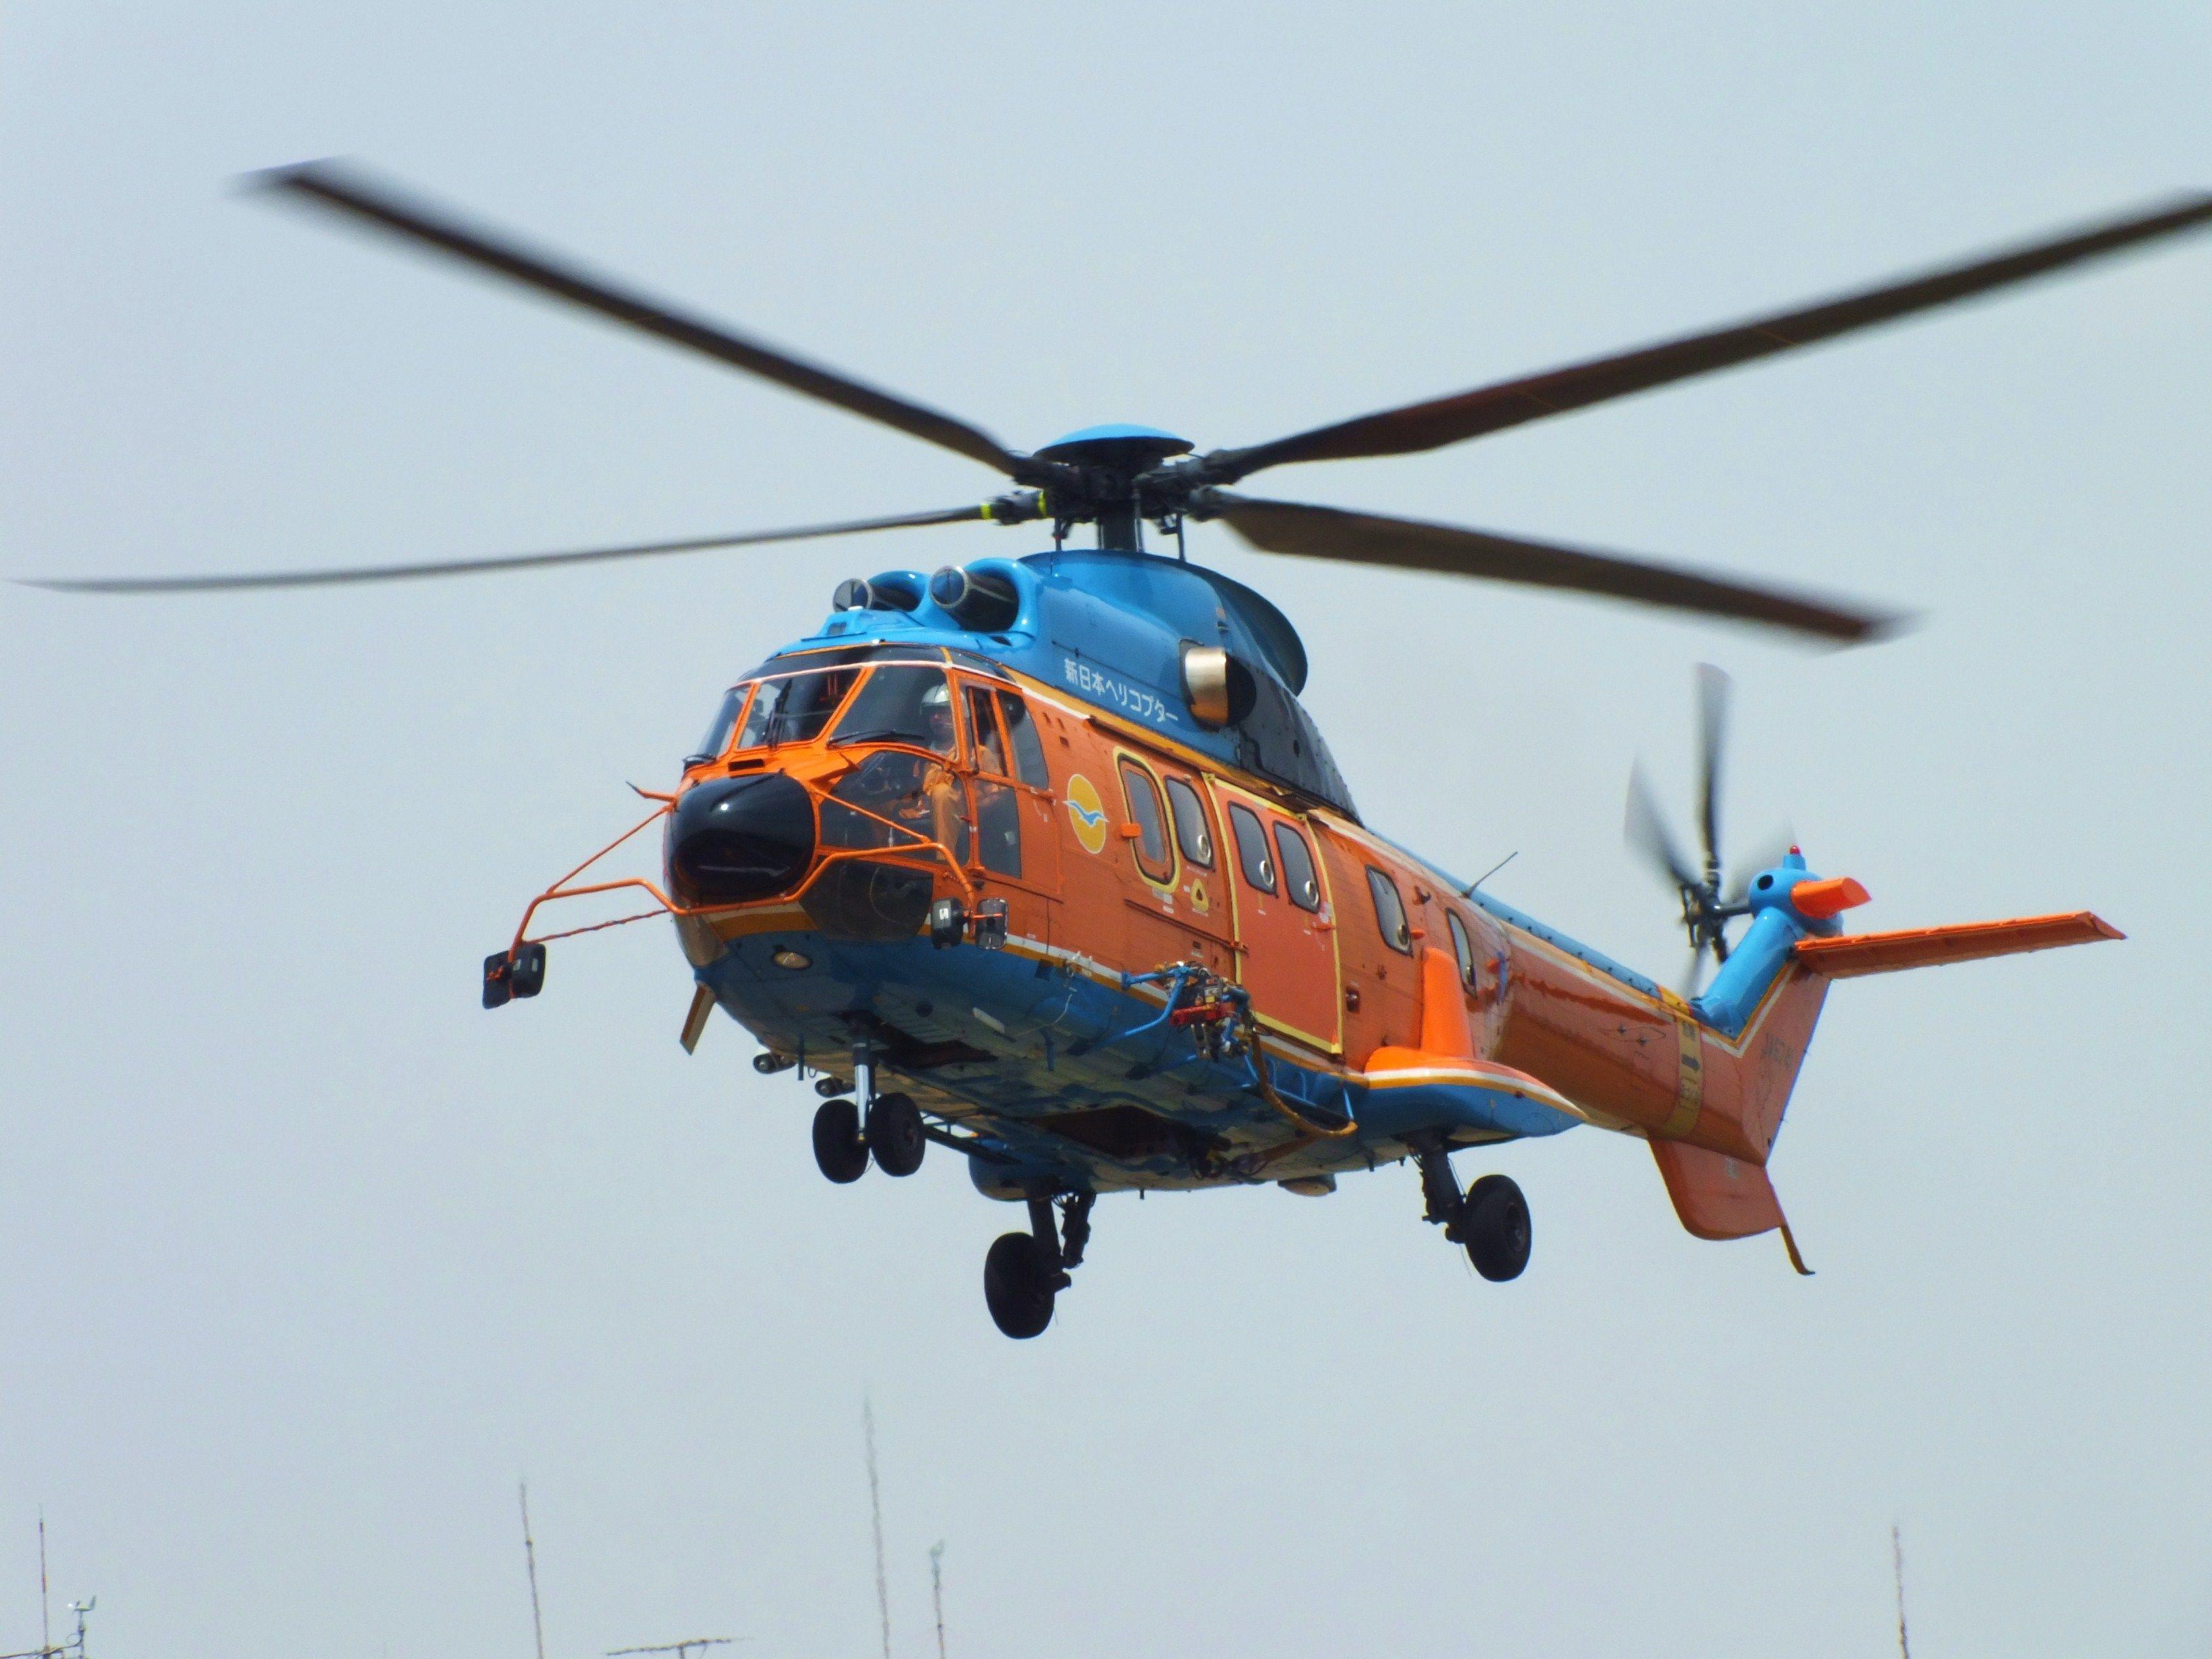 Indonesian Aerospace Indonesia / AS332 Super Puma